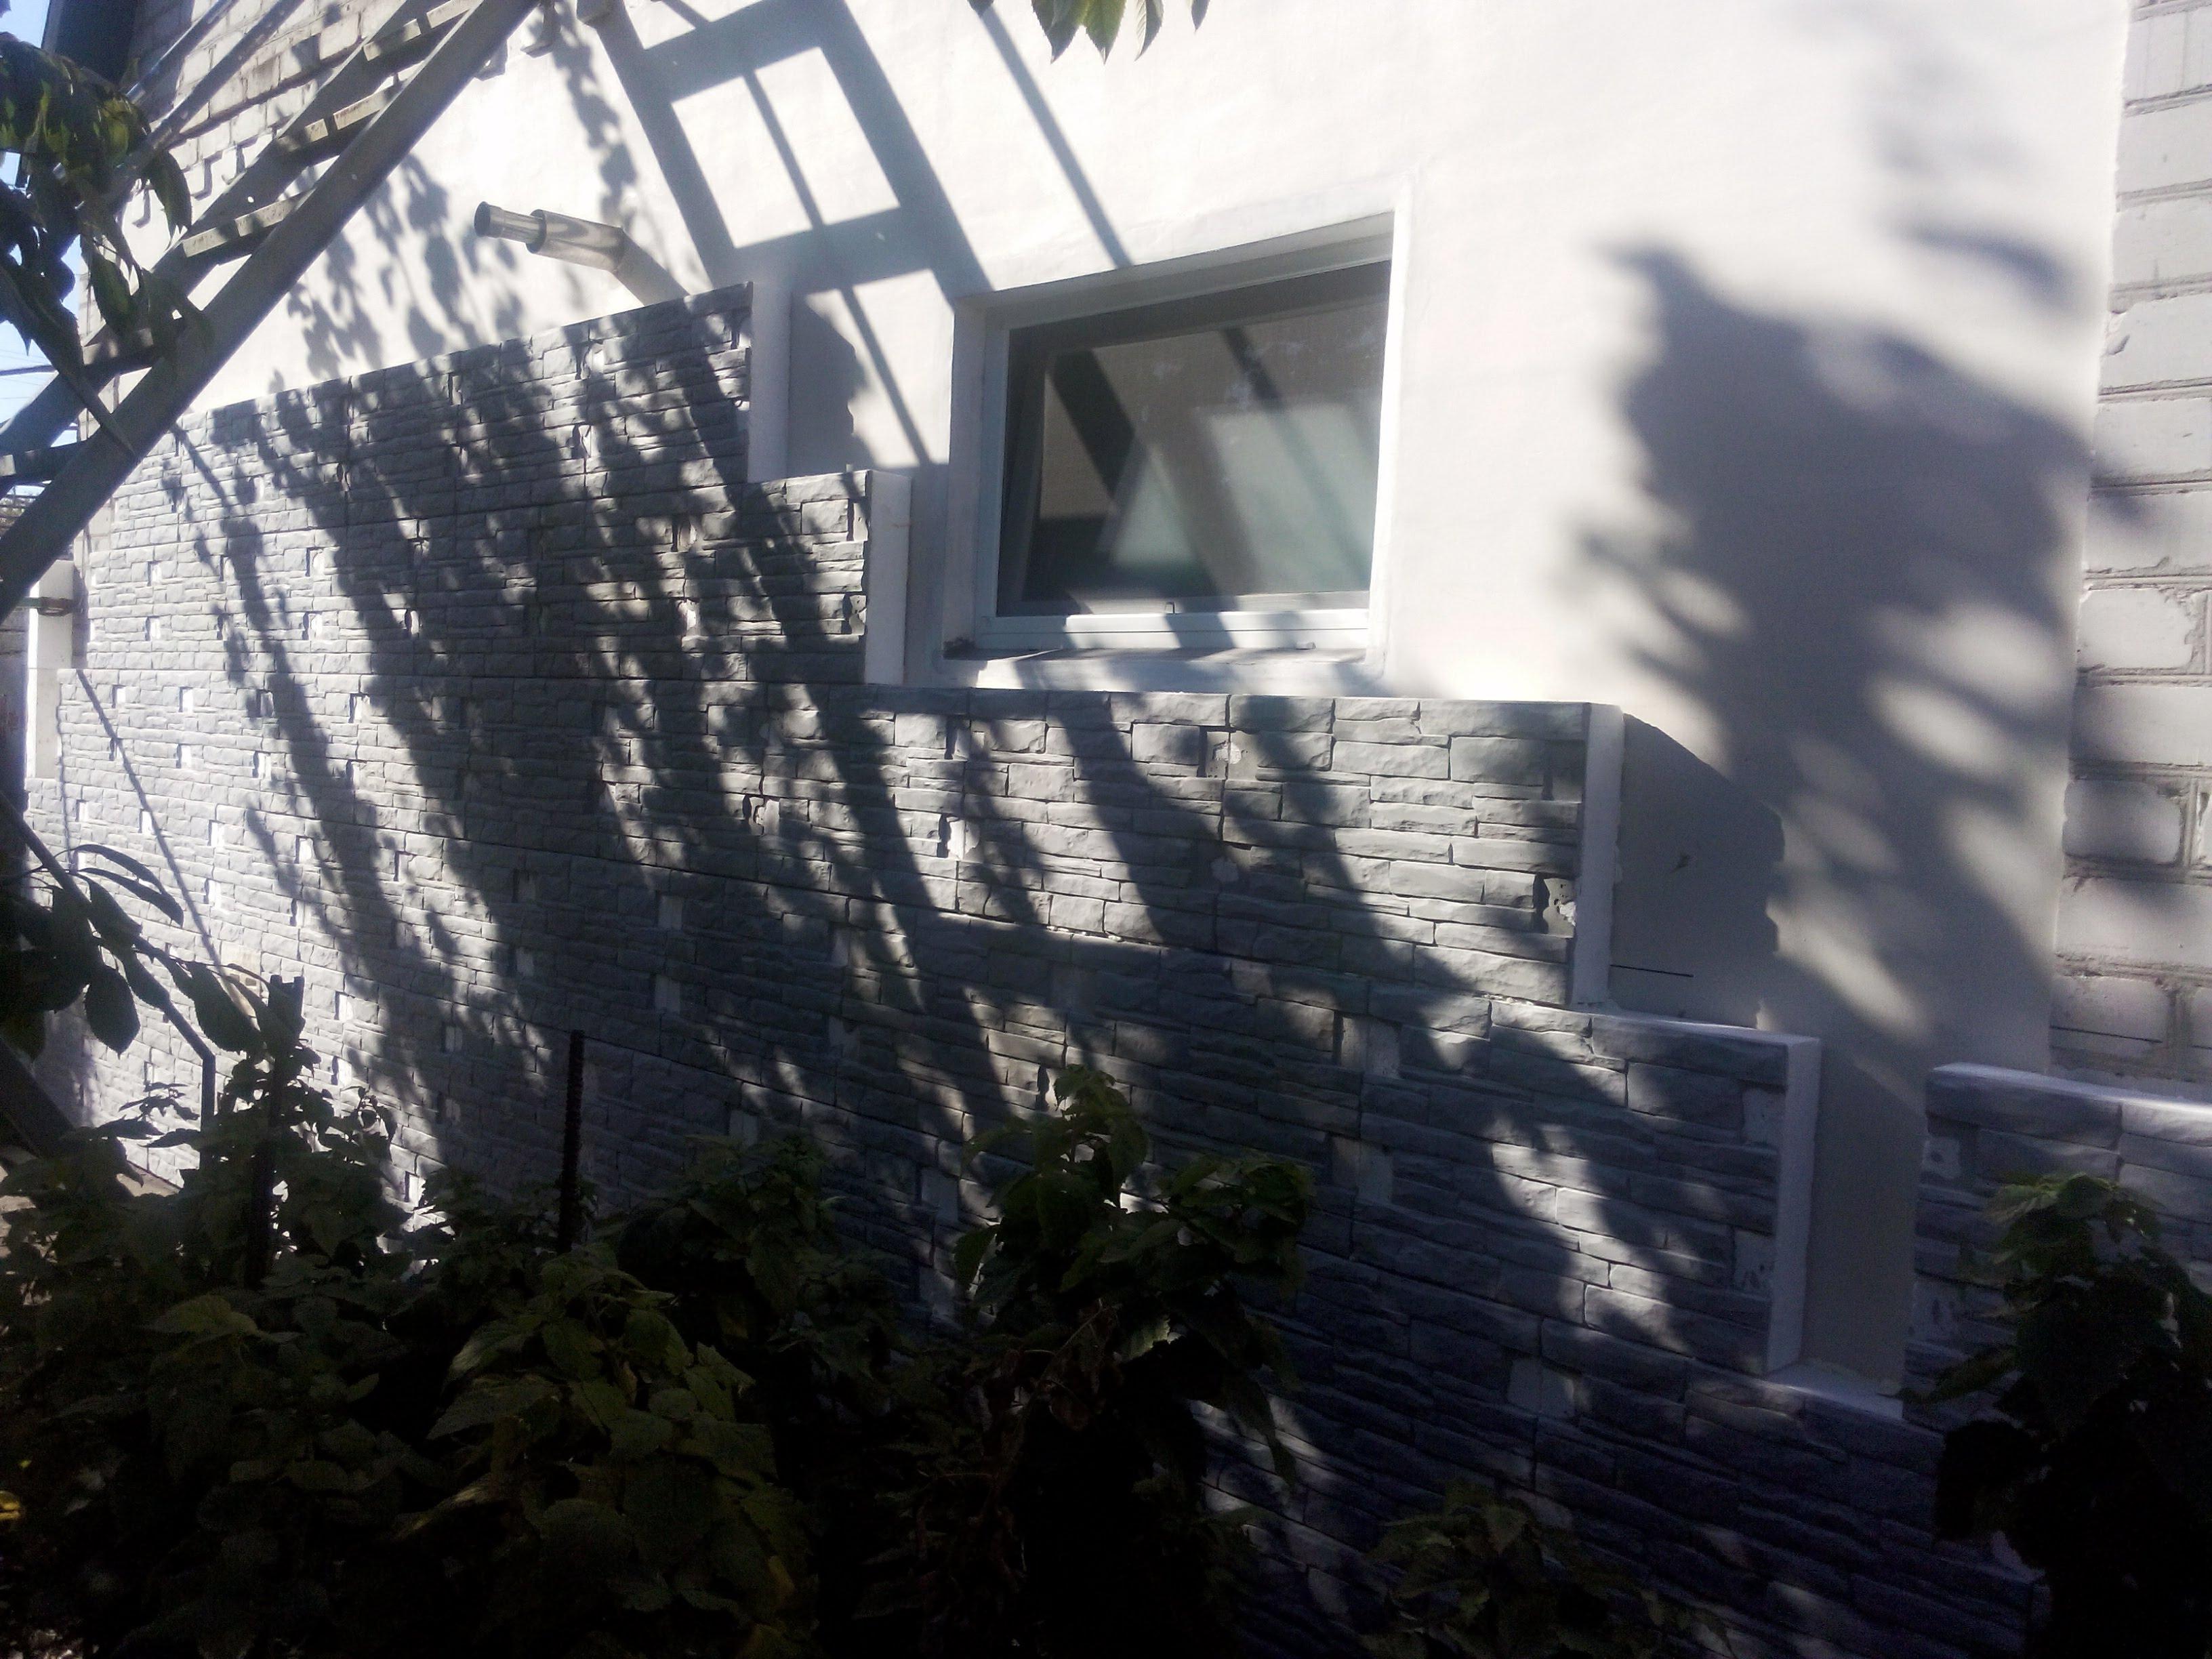 Фасад здания в процессе монтажа второго слоя утеплителя